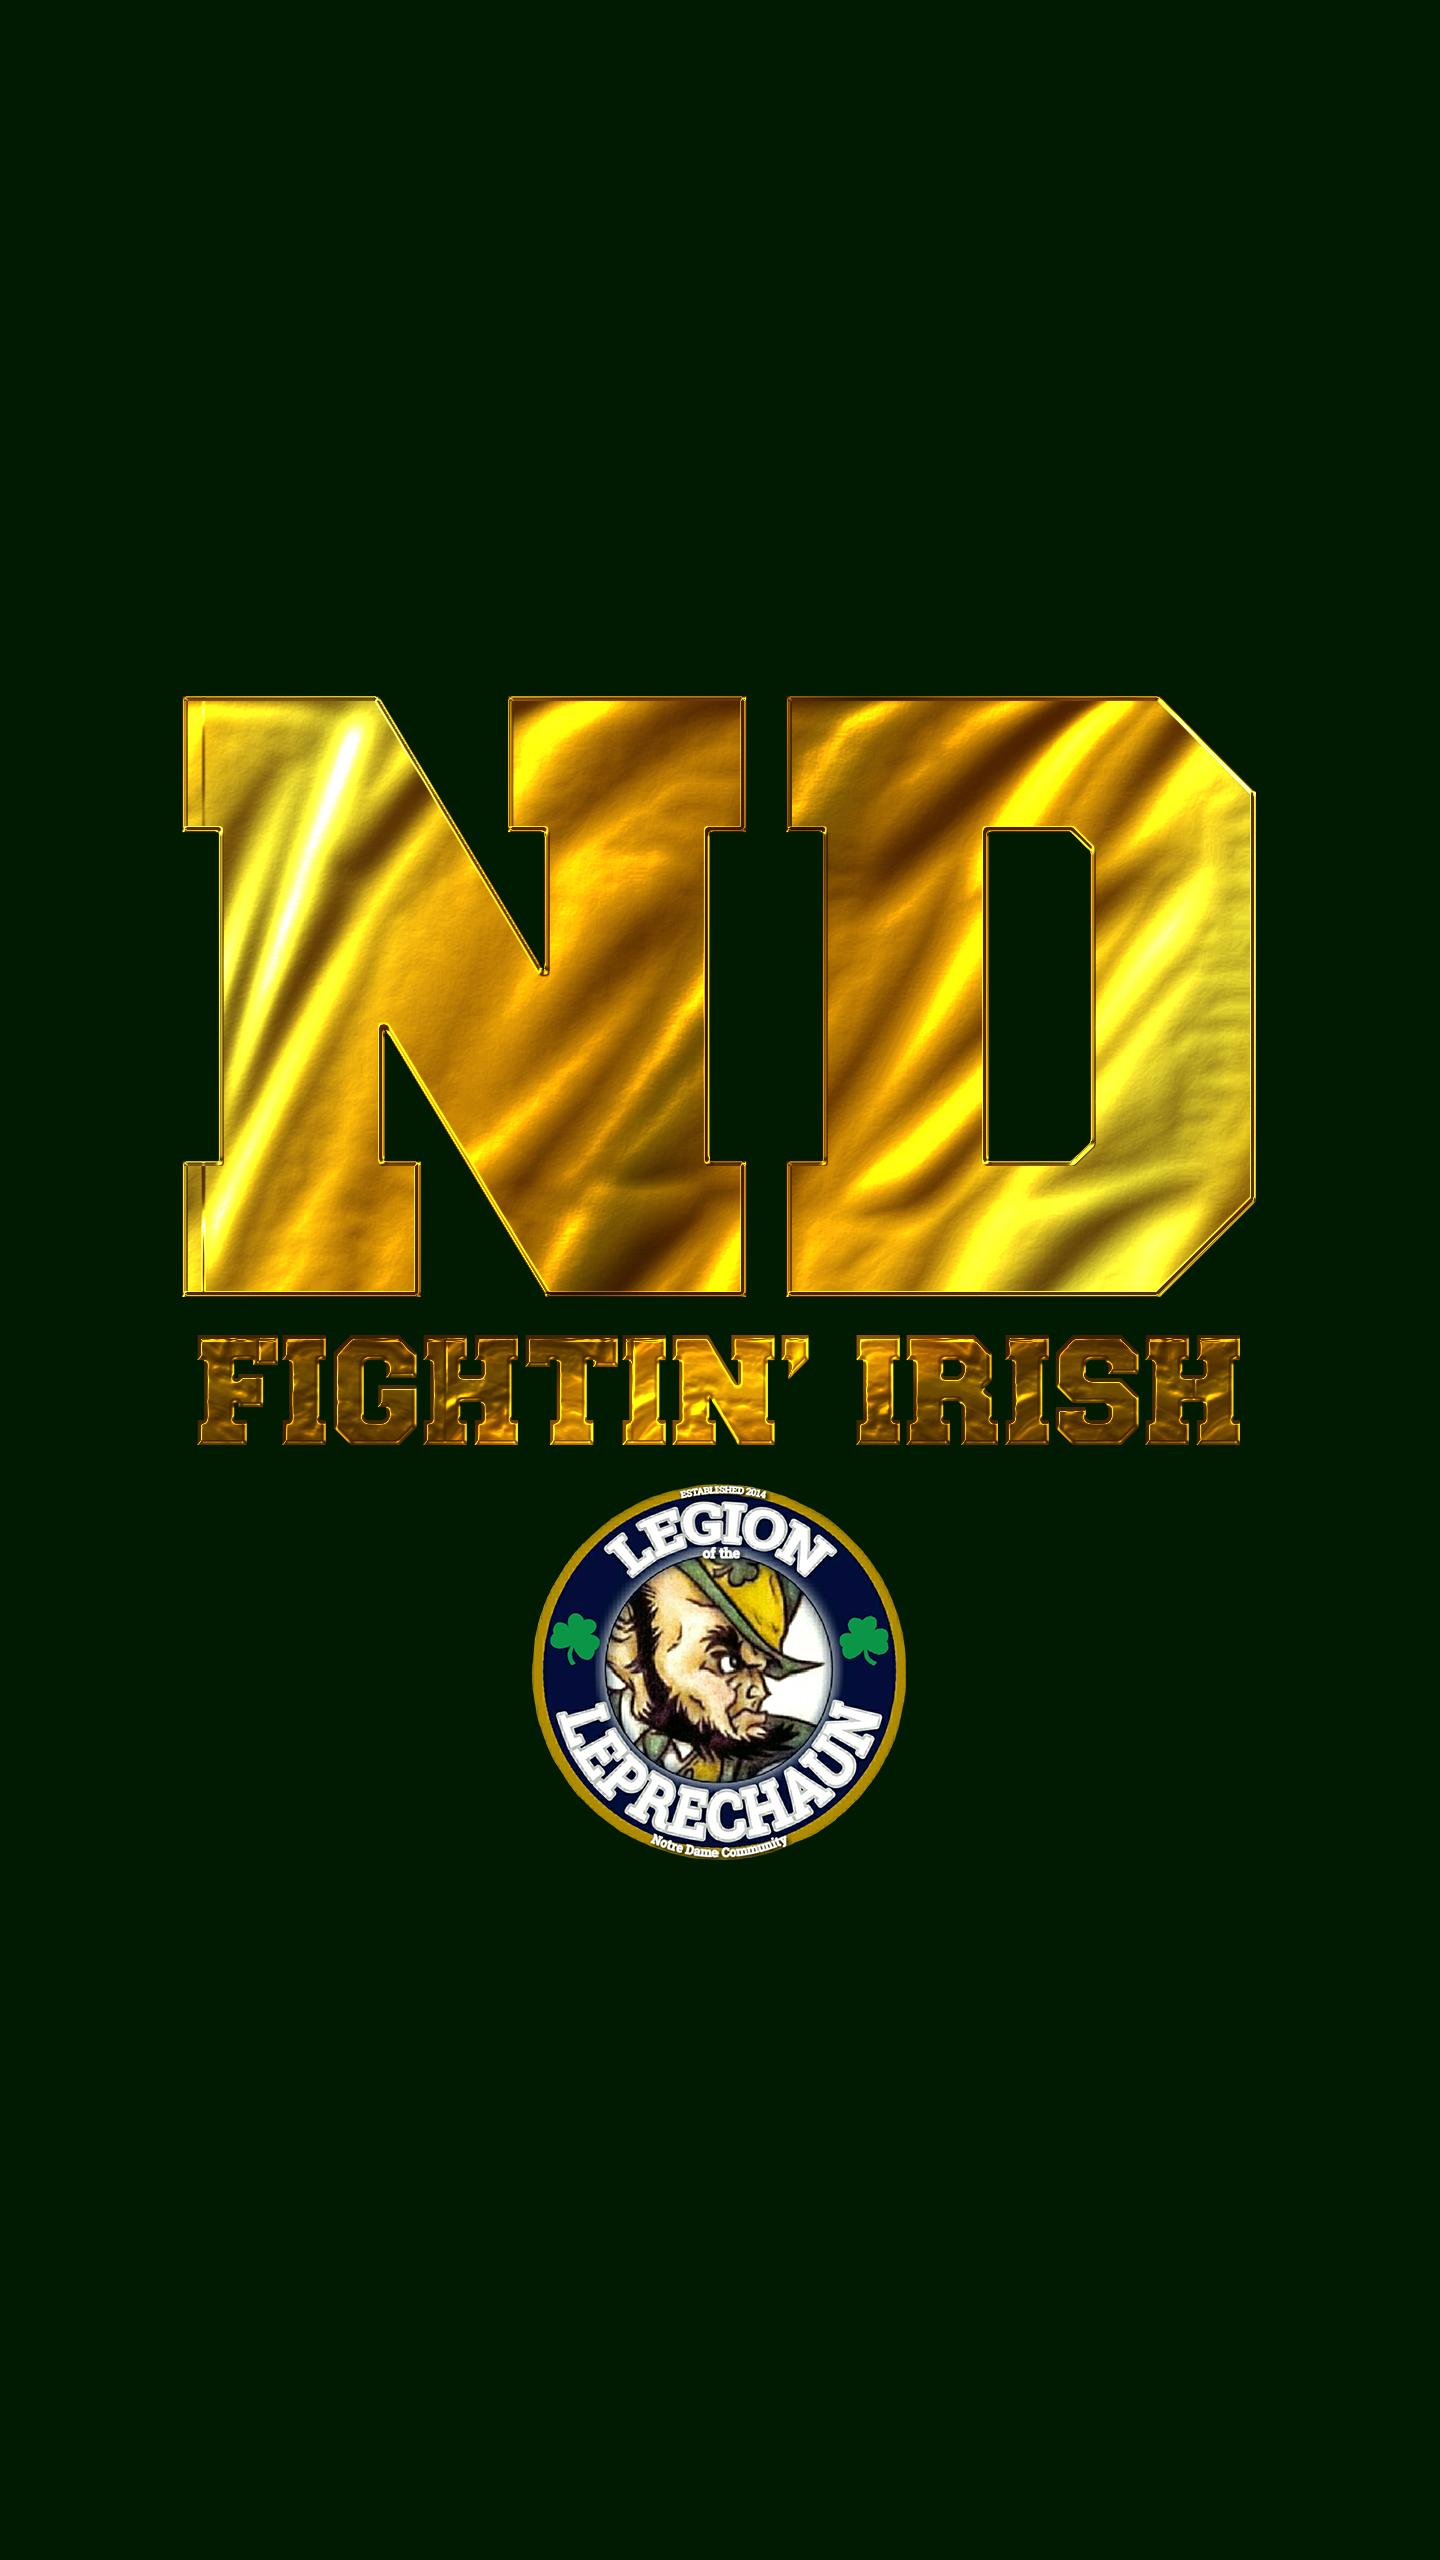 Babyfoodtipskannada Sims3ps3gardeningtips Fighting Irish Football Notre Dame Fighting Irish Football Norte Dame Fighting Irish